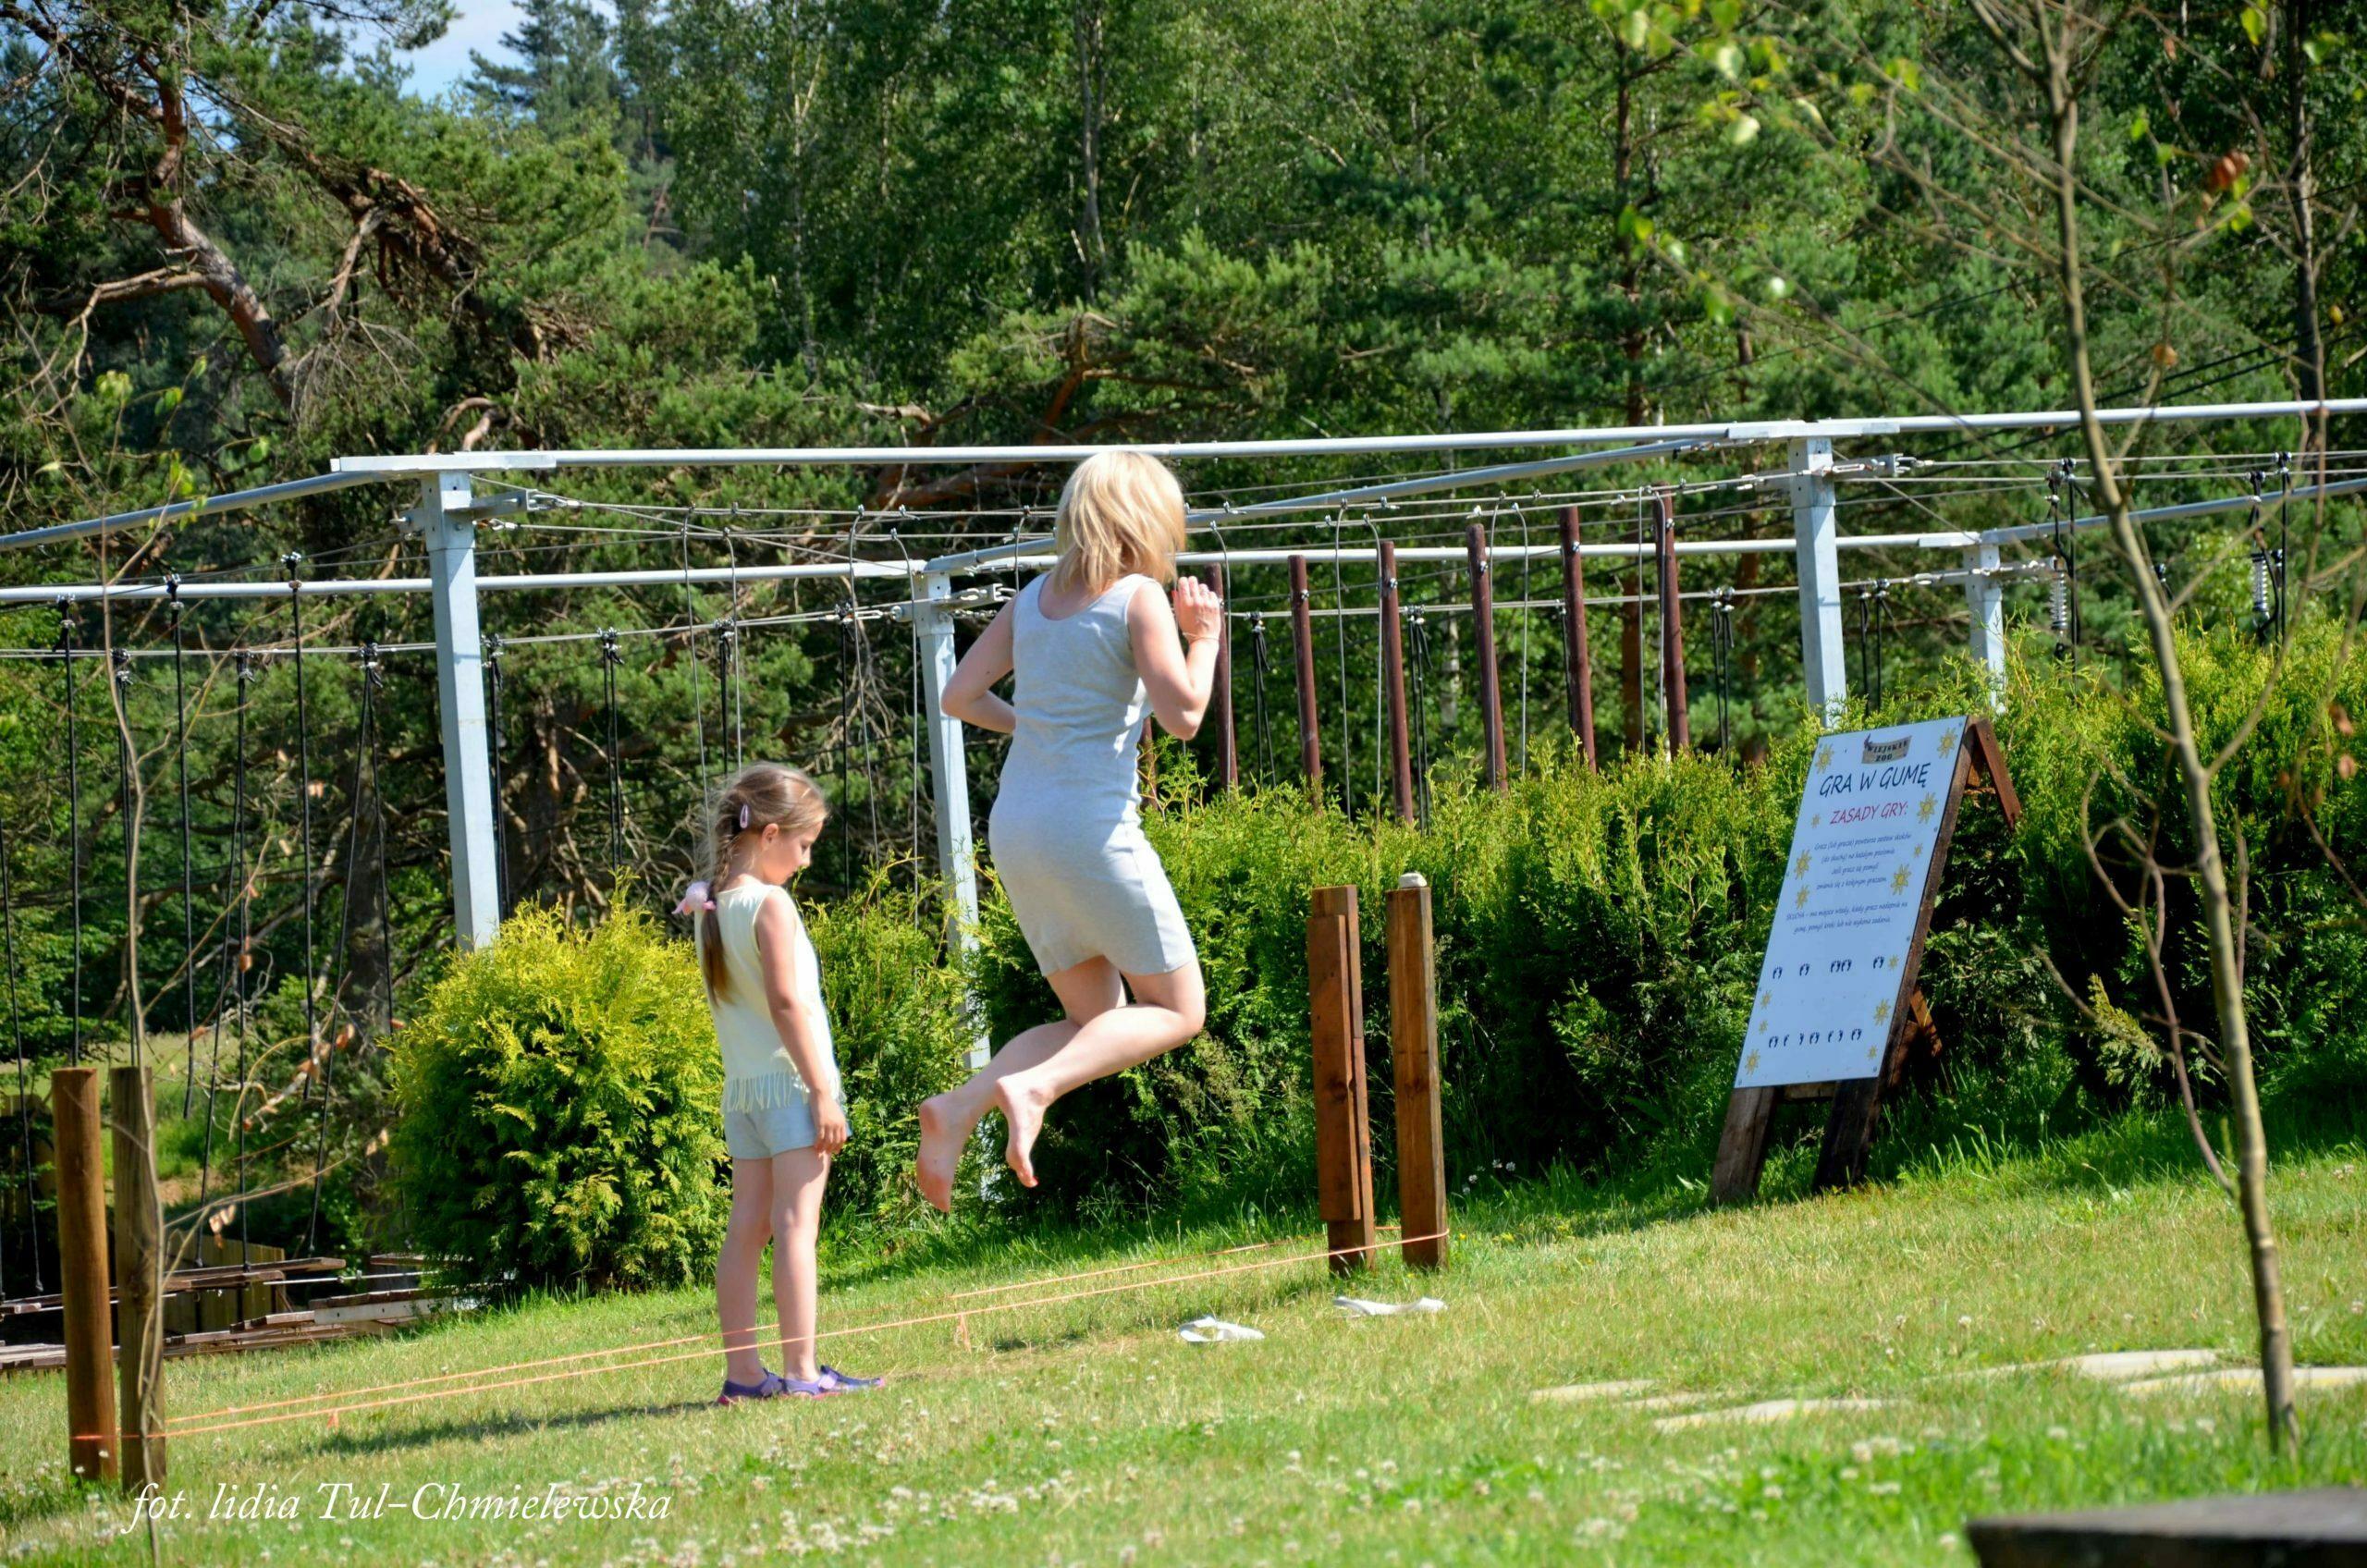 Wiejskie zoo rodzinna wspólna zabawa fot. Lidia Tul-Chmielewska